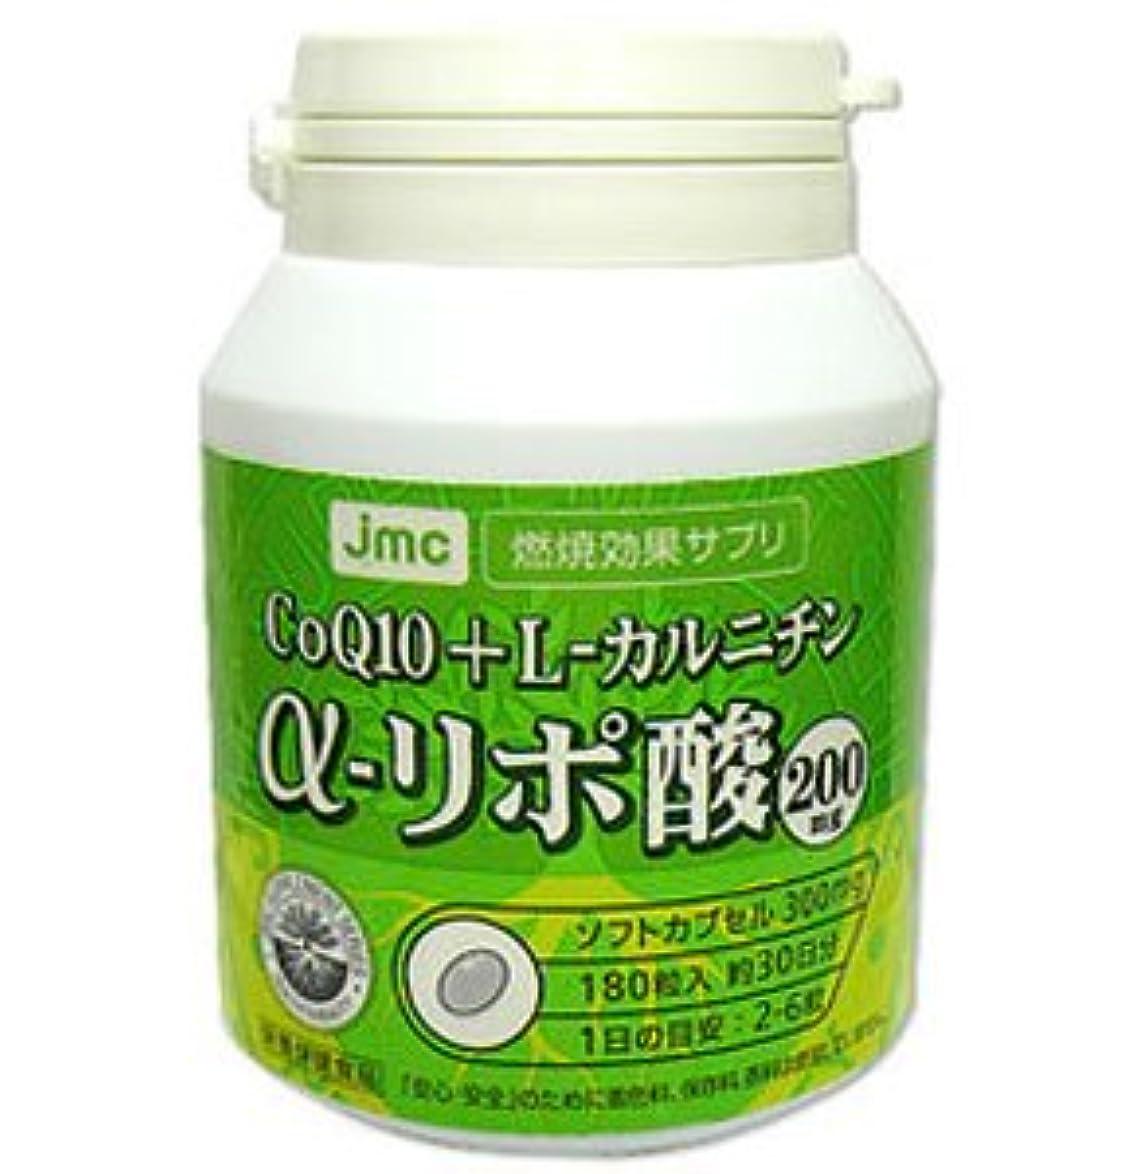 テザー火曜日風刺α-リポ酸200mg(αリポ酸、COQ10、L-カルニチン、共役リノール酸配合ダイエットサプリ)